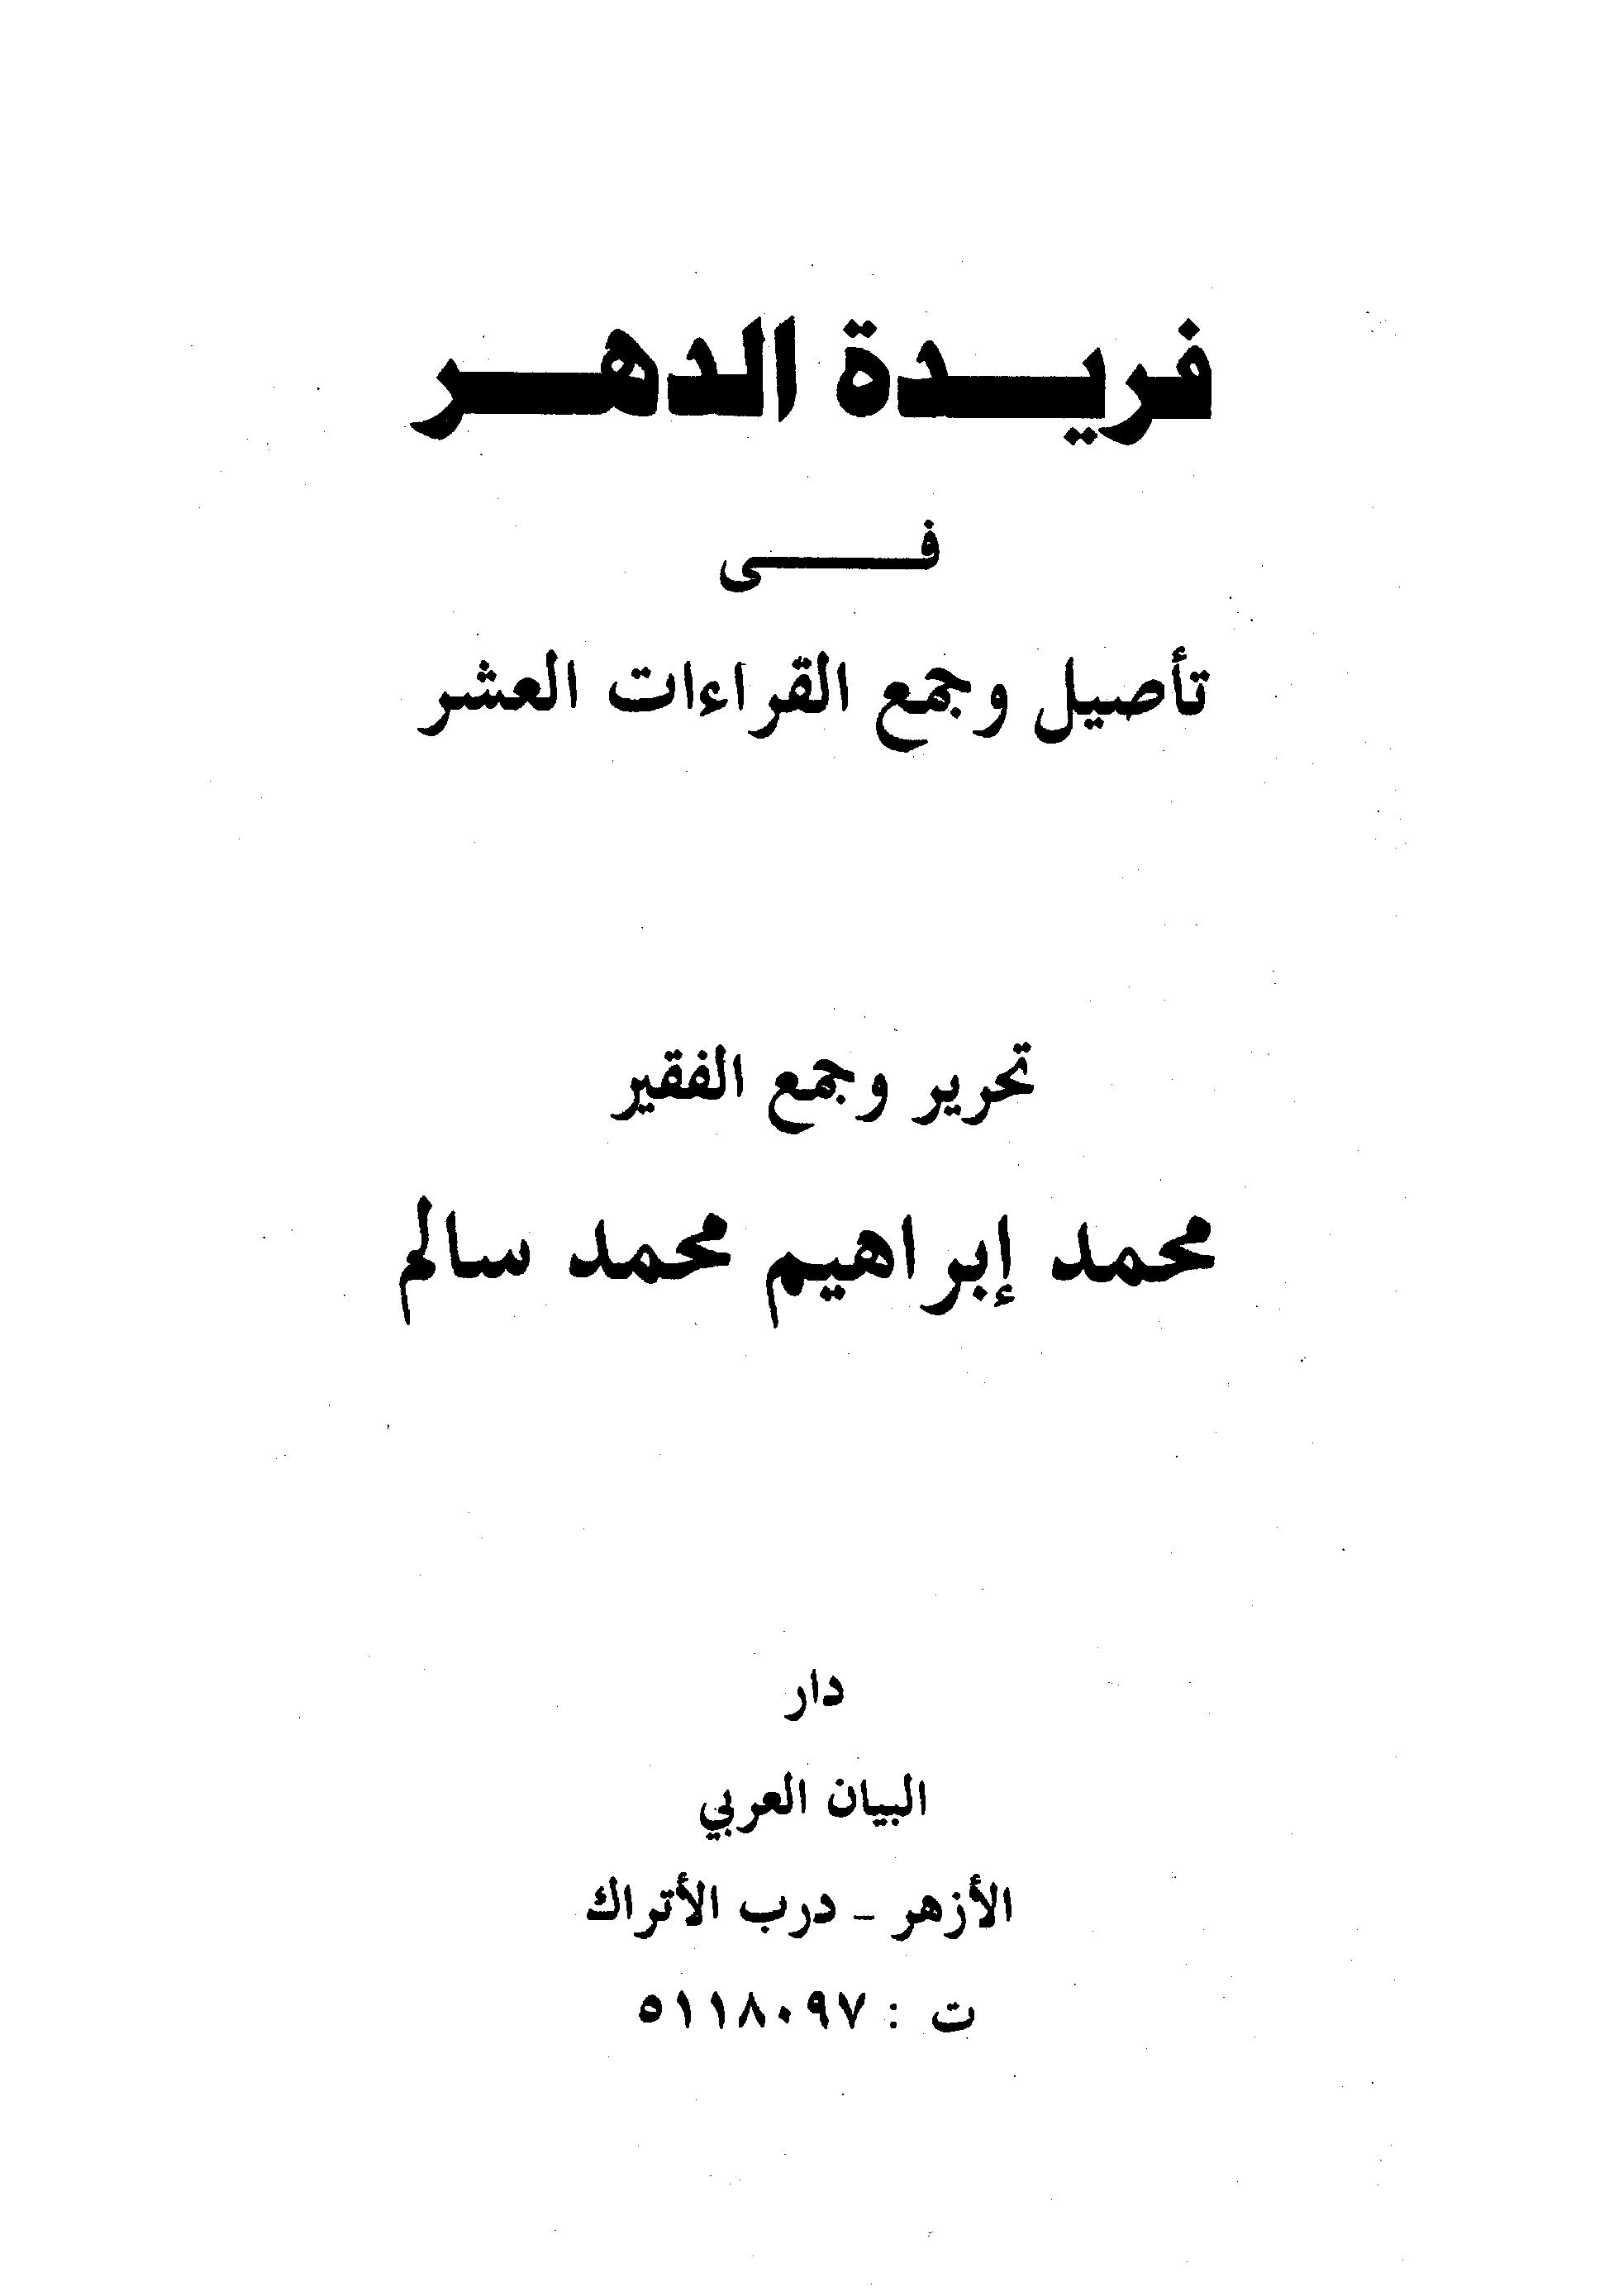 تحميل كتاب فريدة الدهر في تأصيل وجمع القراءات العشر لـِ: الشيخ محمد إبراهيم محمد سالم الحنفي (ت 1430)